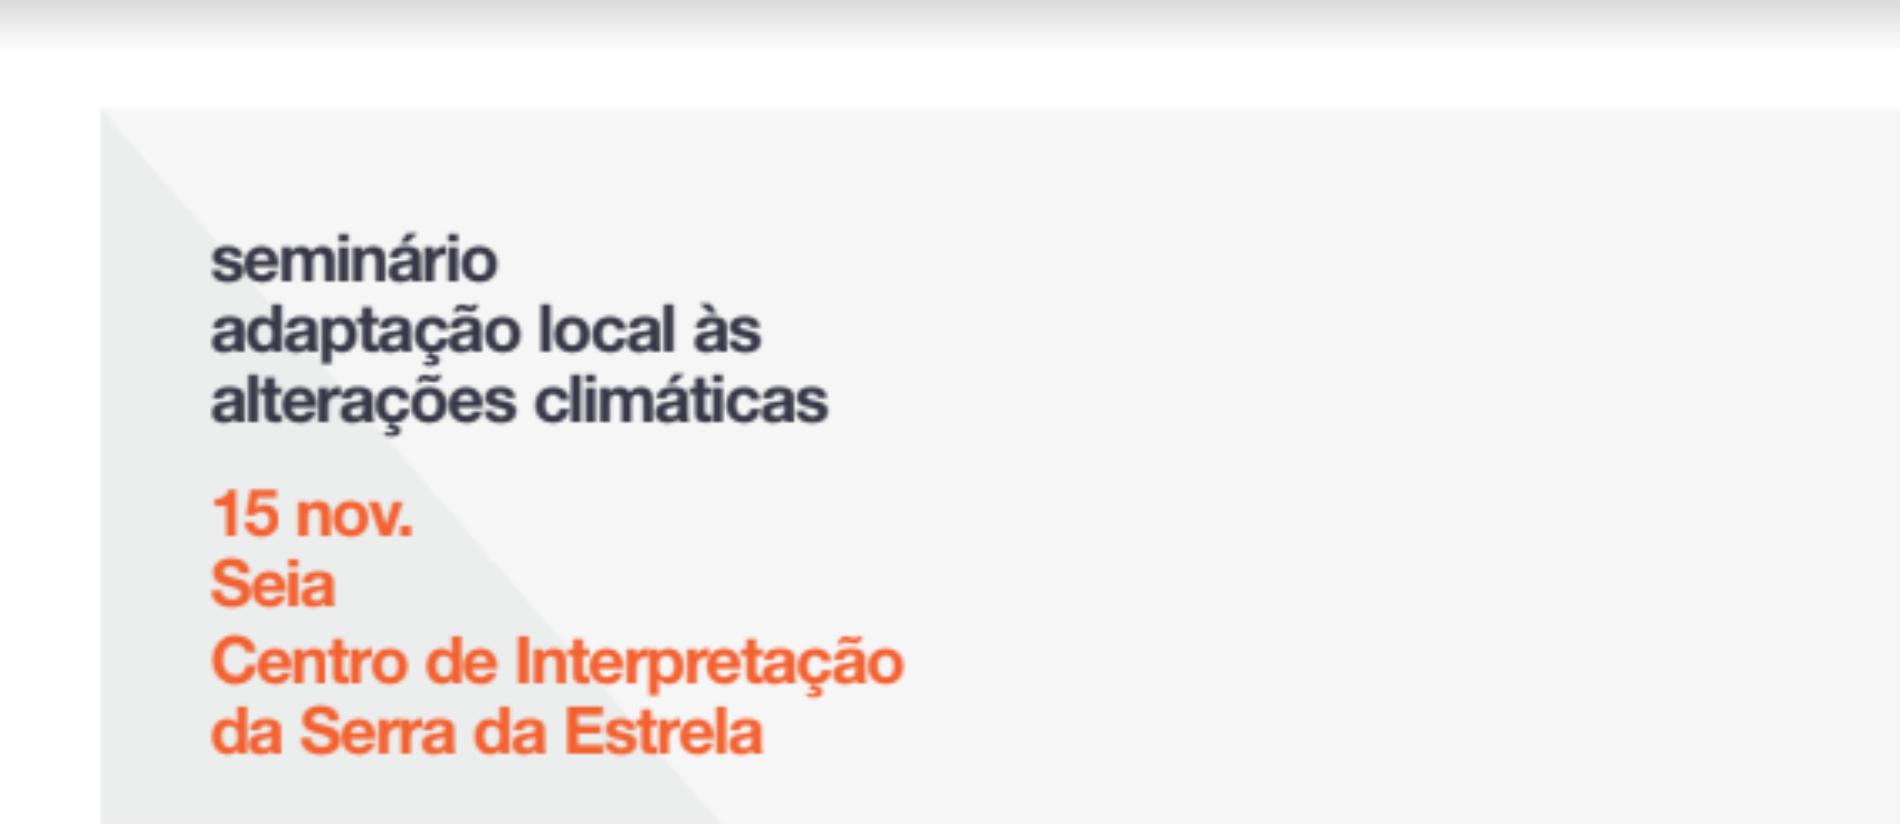 Seia recebe 3º Seminário Nacional de Adaptação Local às Alterações Climáticas